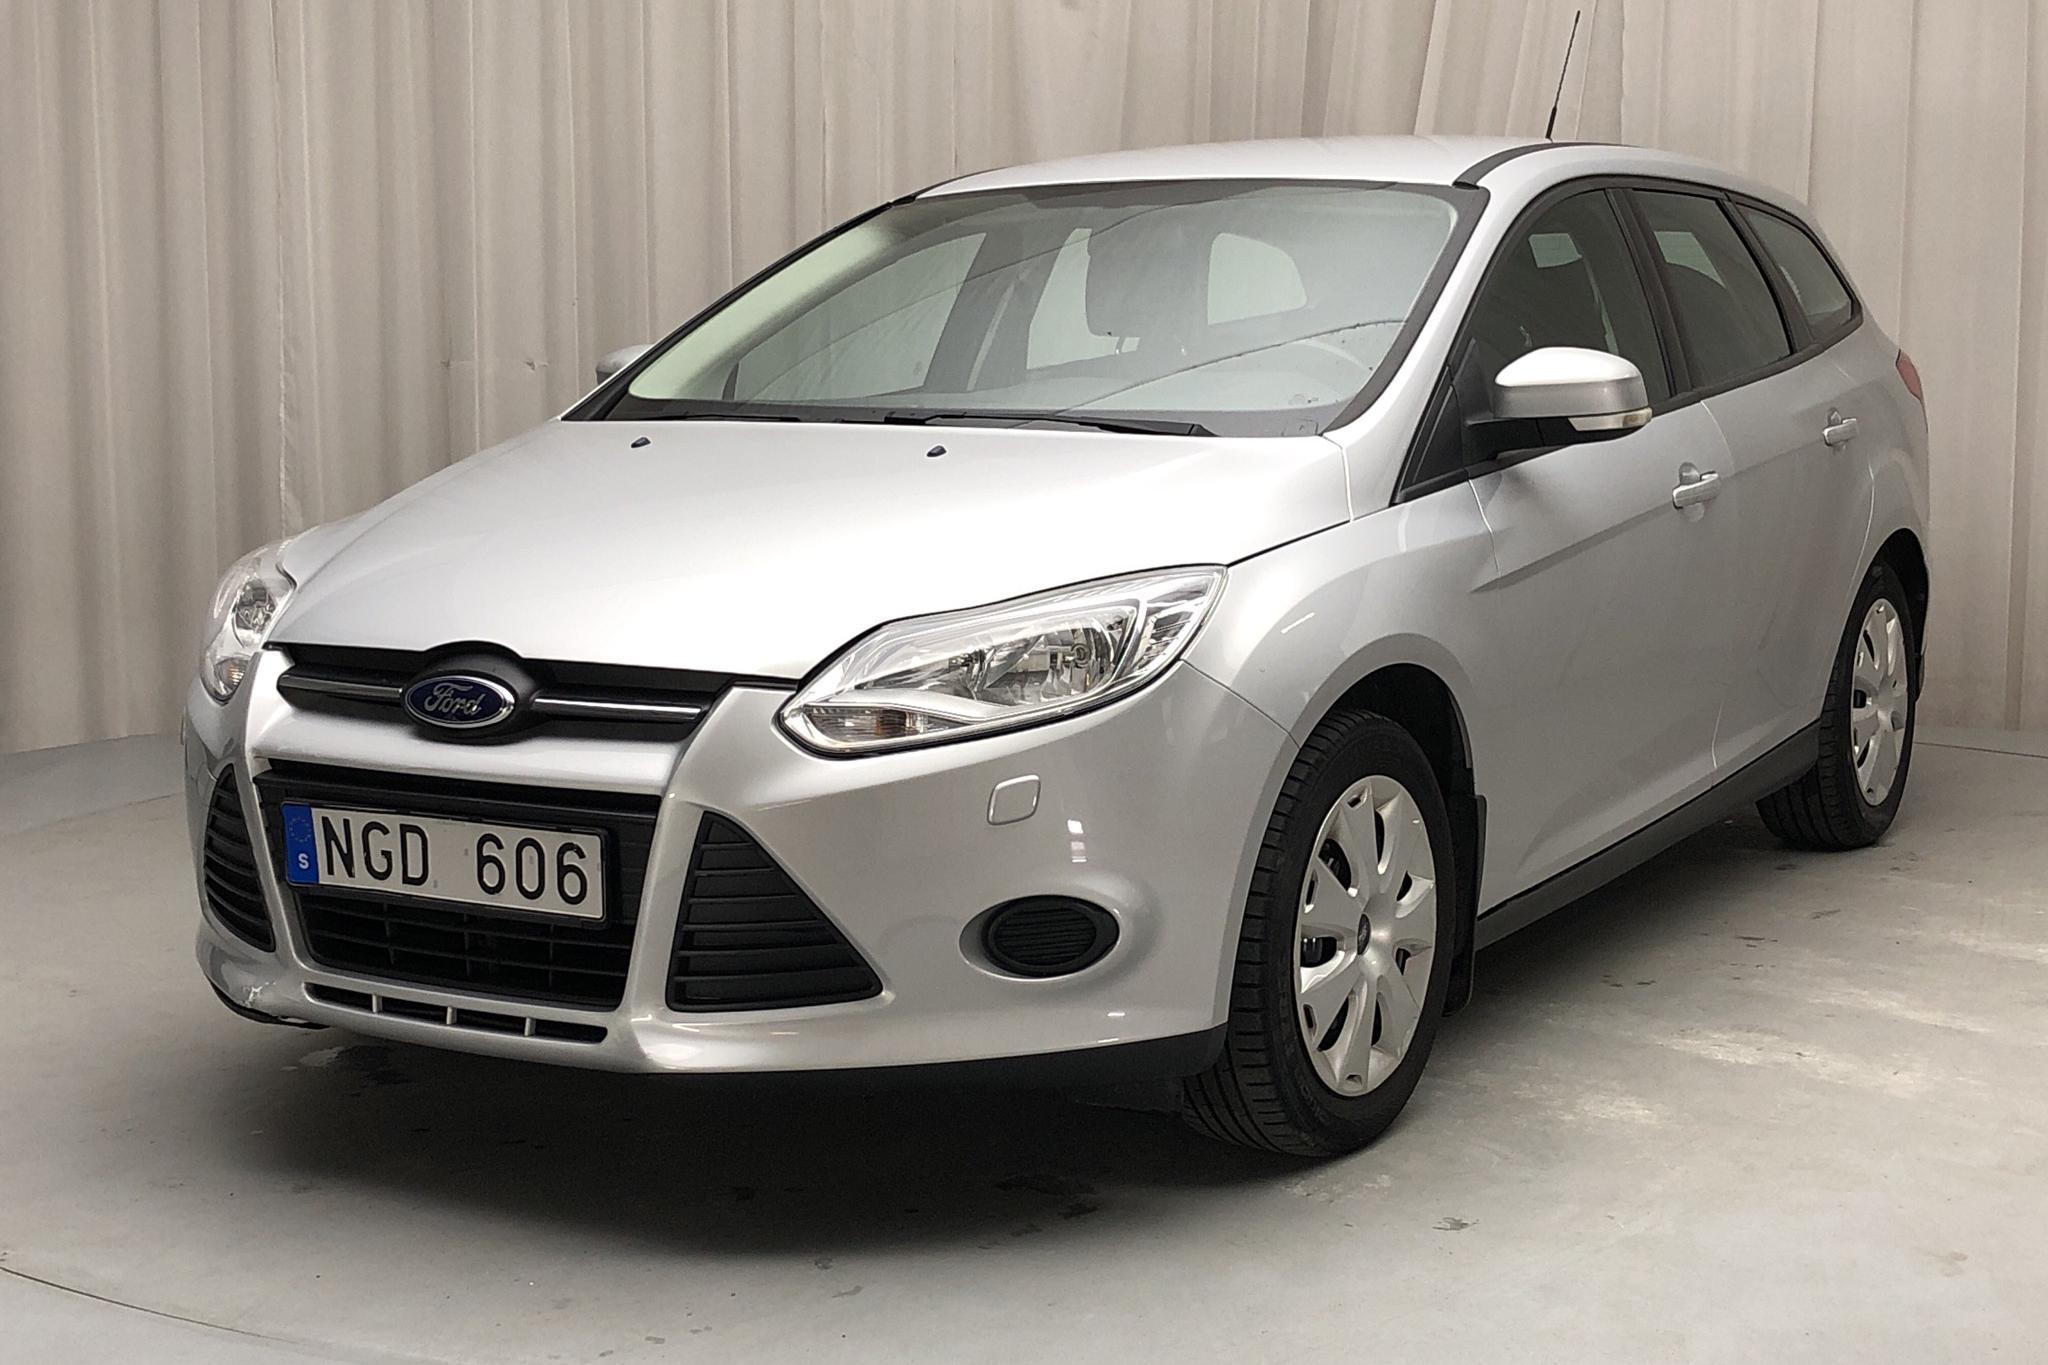 Ford Focus 1.6 Ti-VCT Flexifuel Kombi (120hk) - 9 266 mil - Manuell - grå - 2013